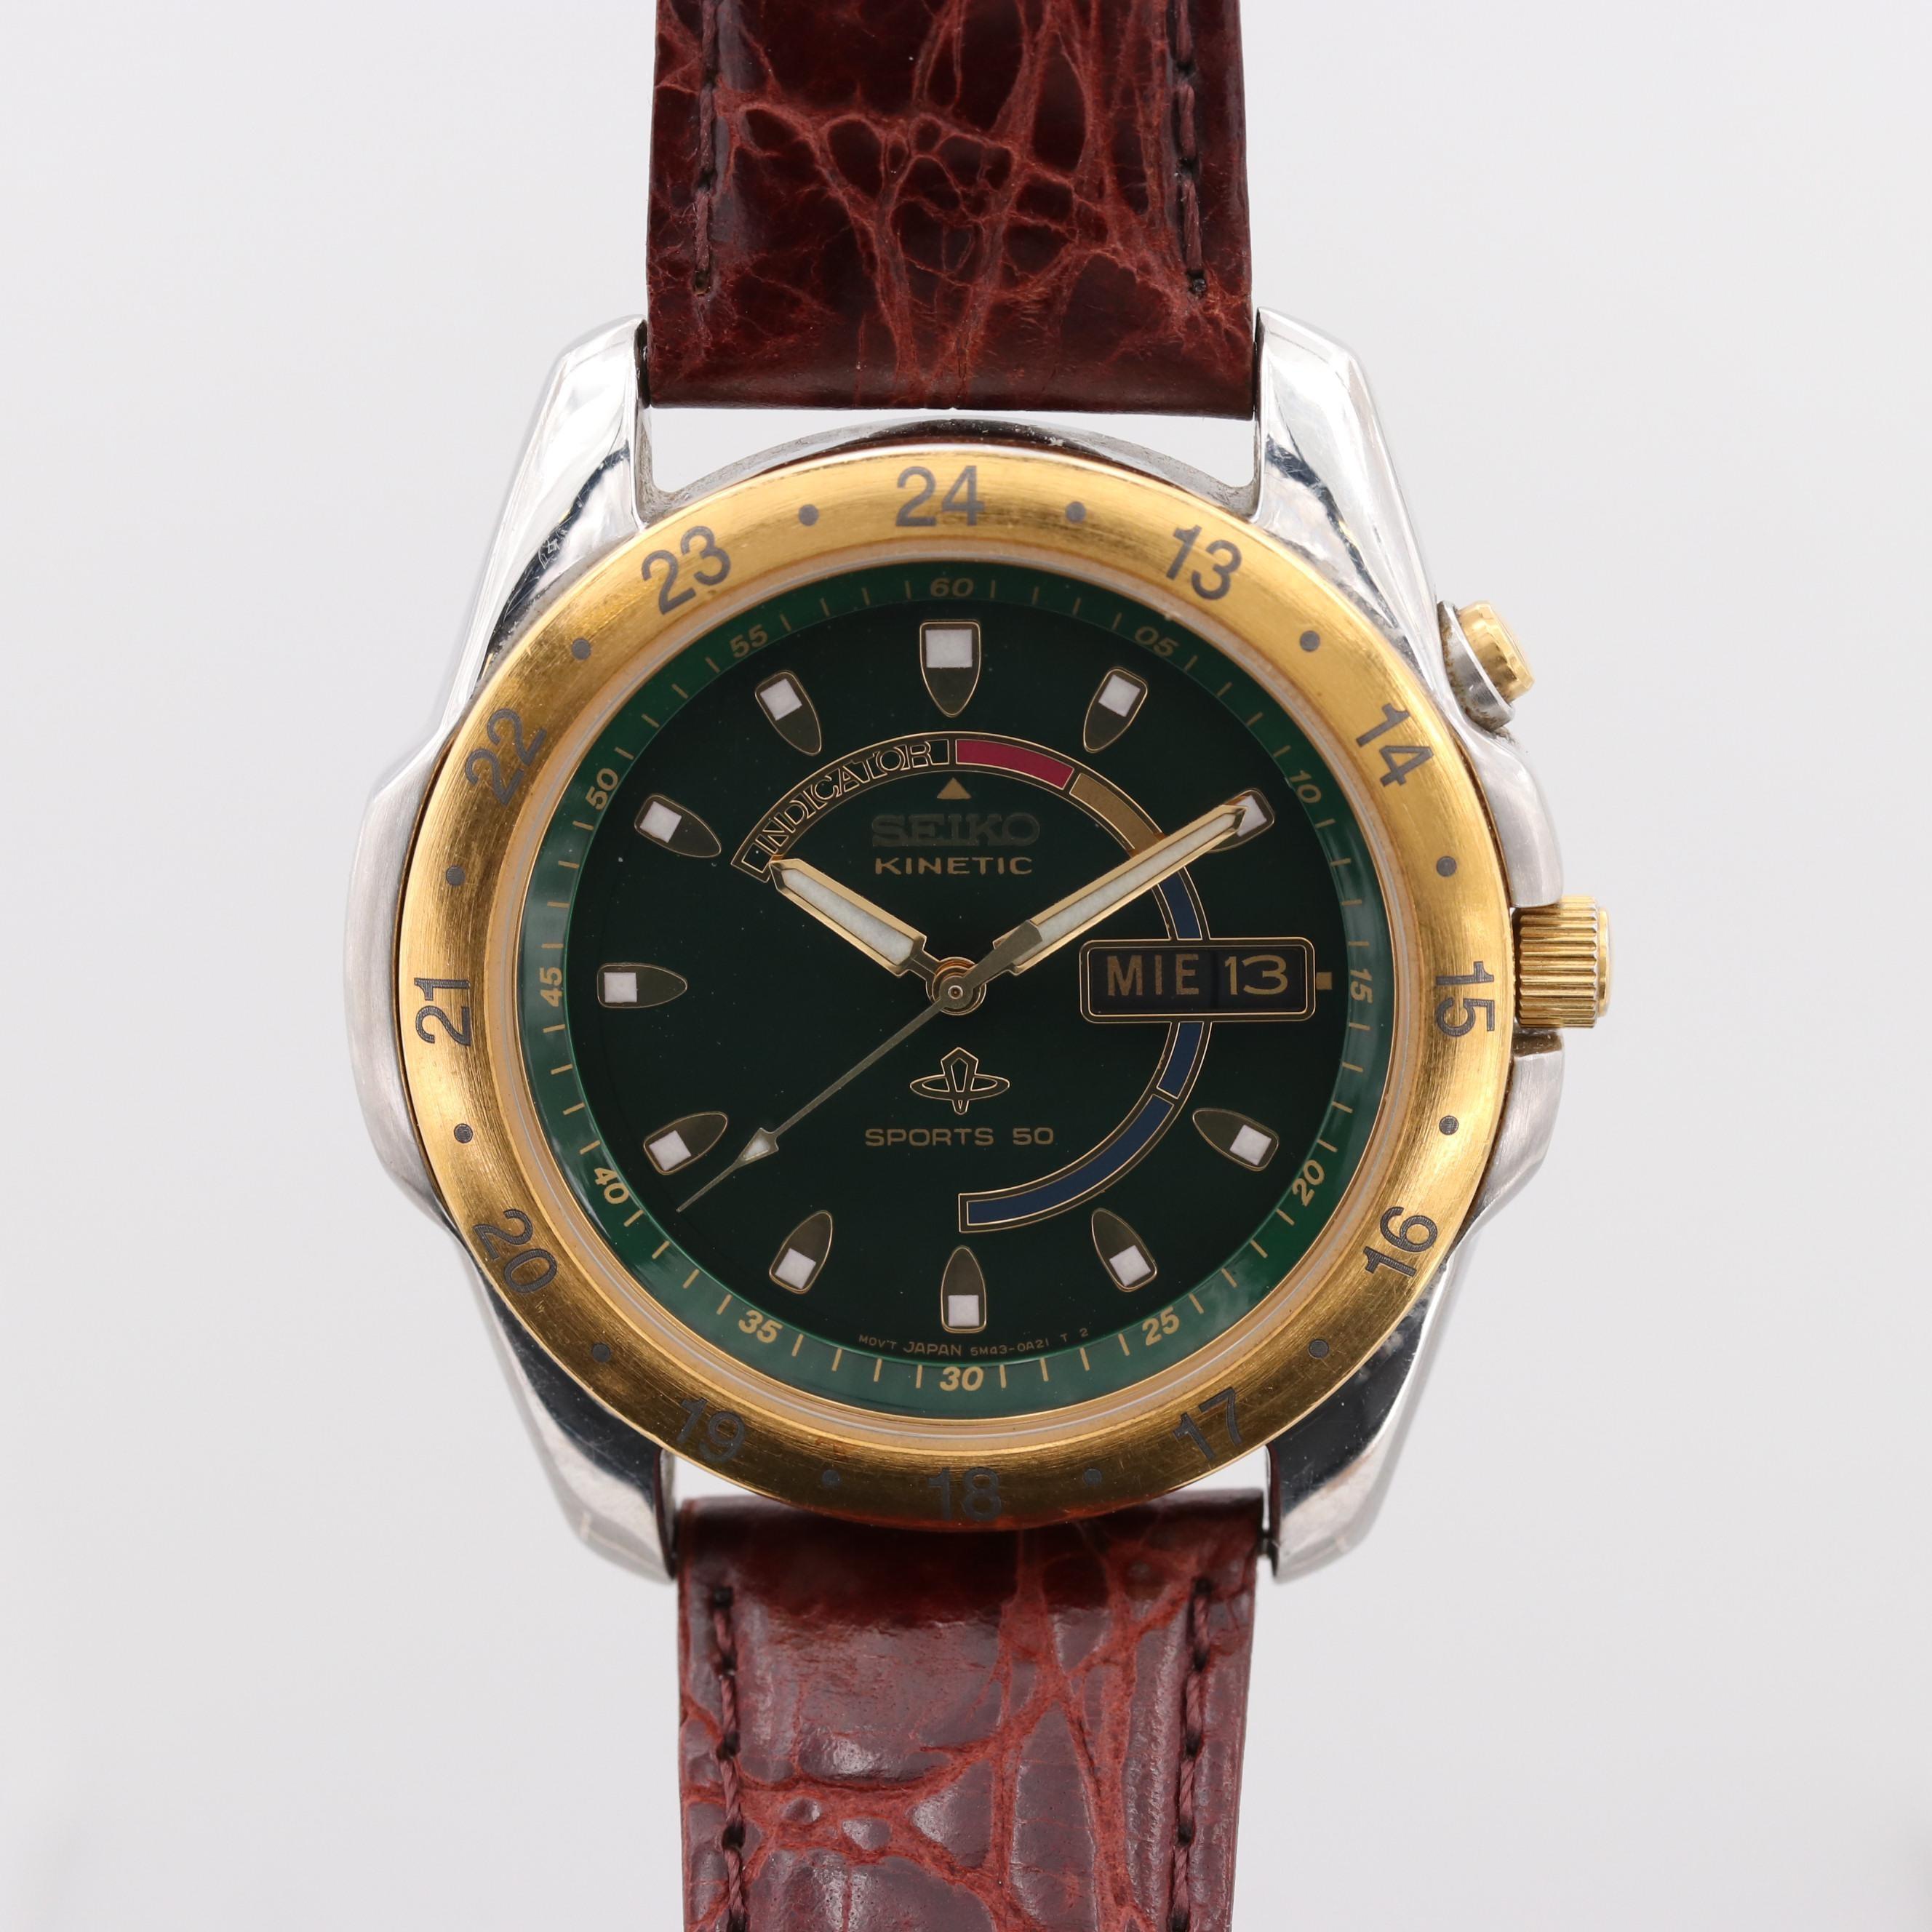 Seiko Kinetic Sports 50 Wristwatch With Day/Date Window